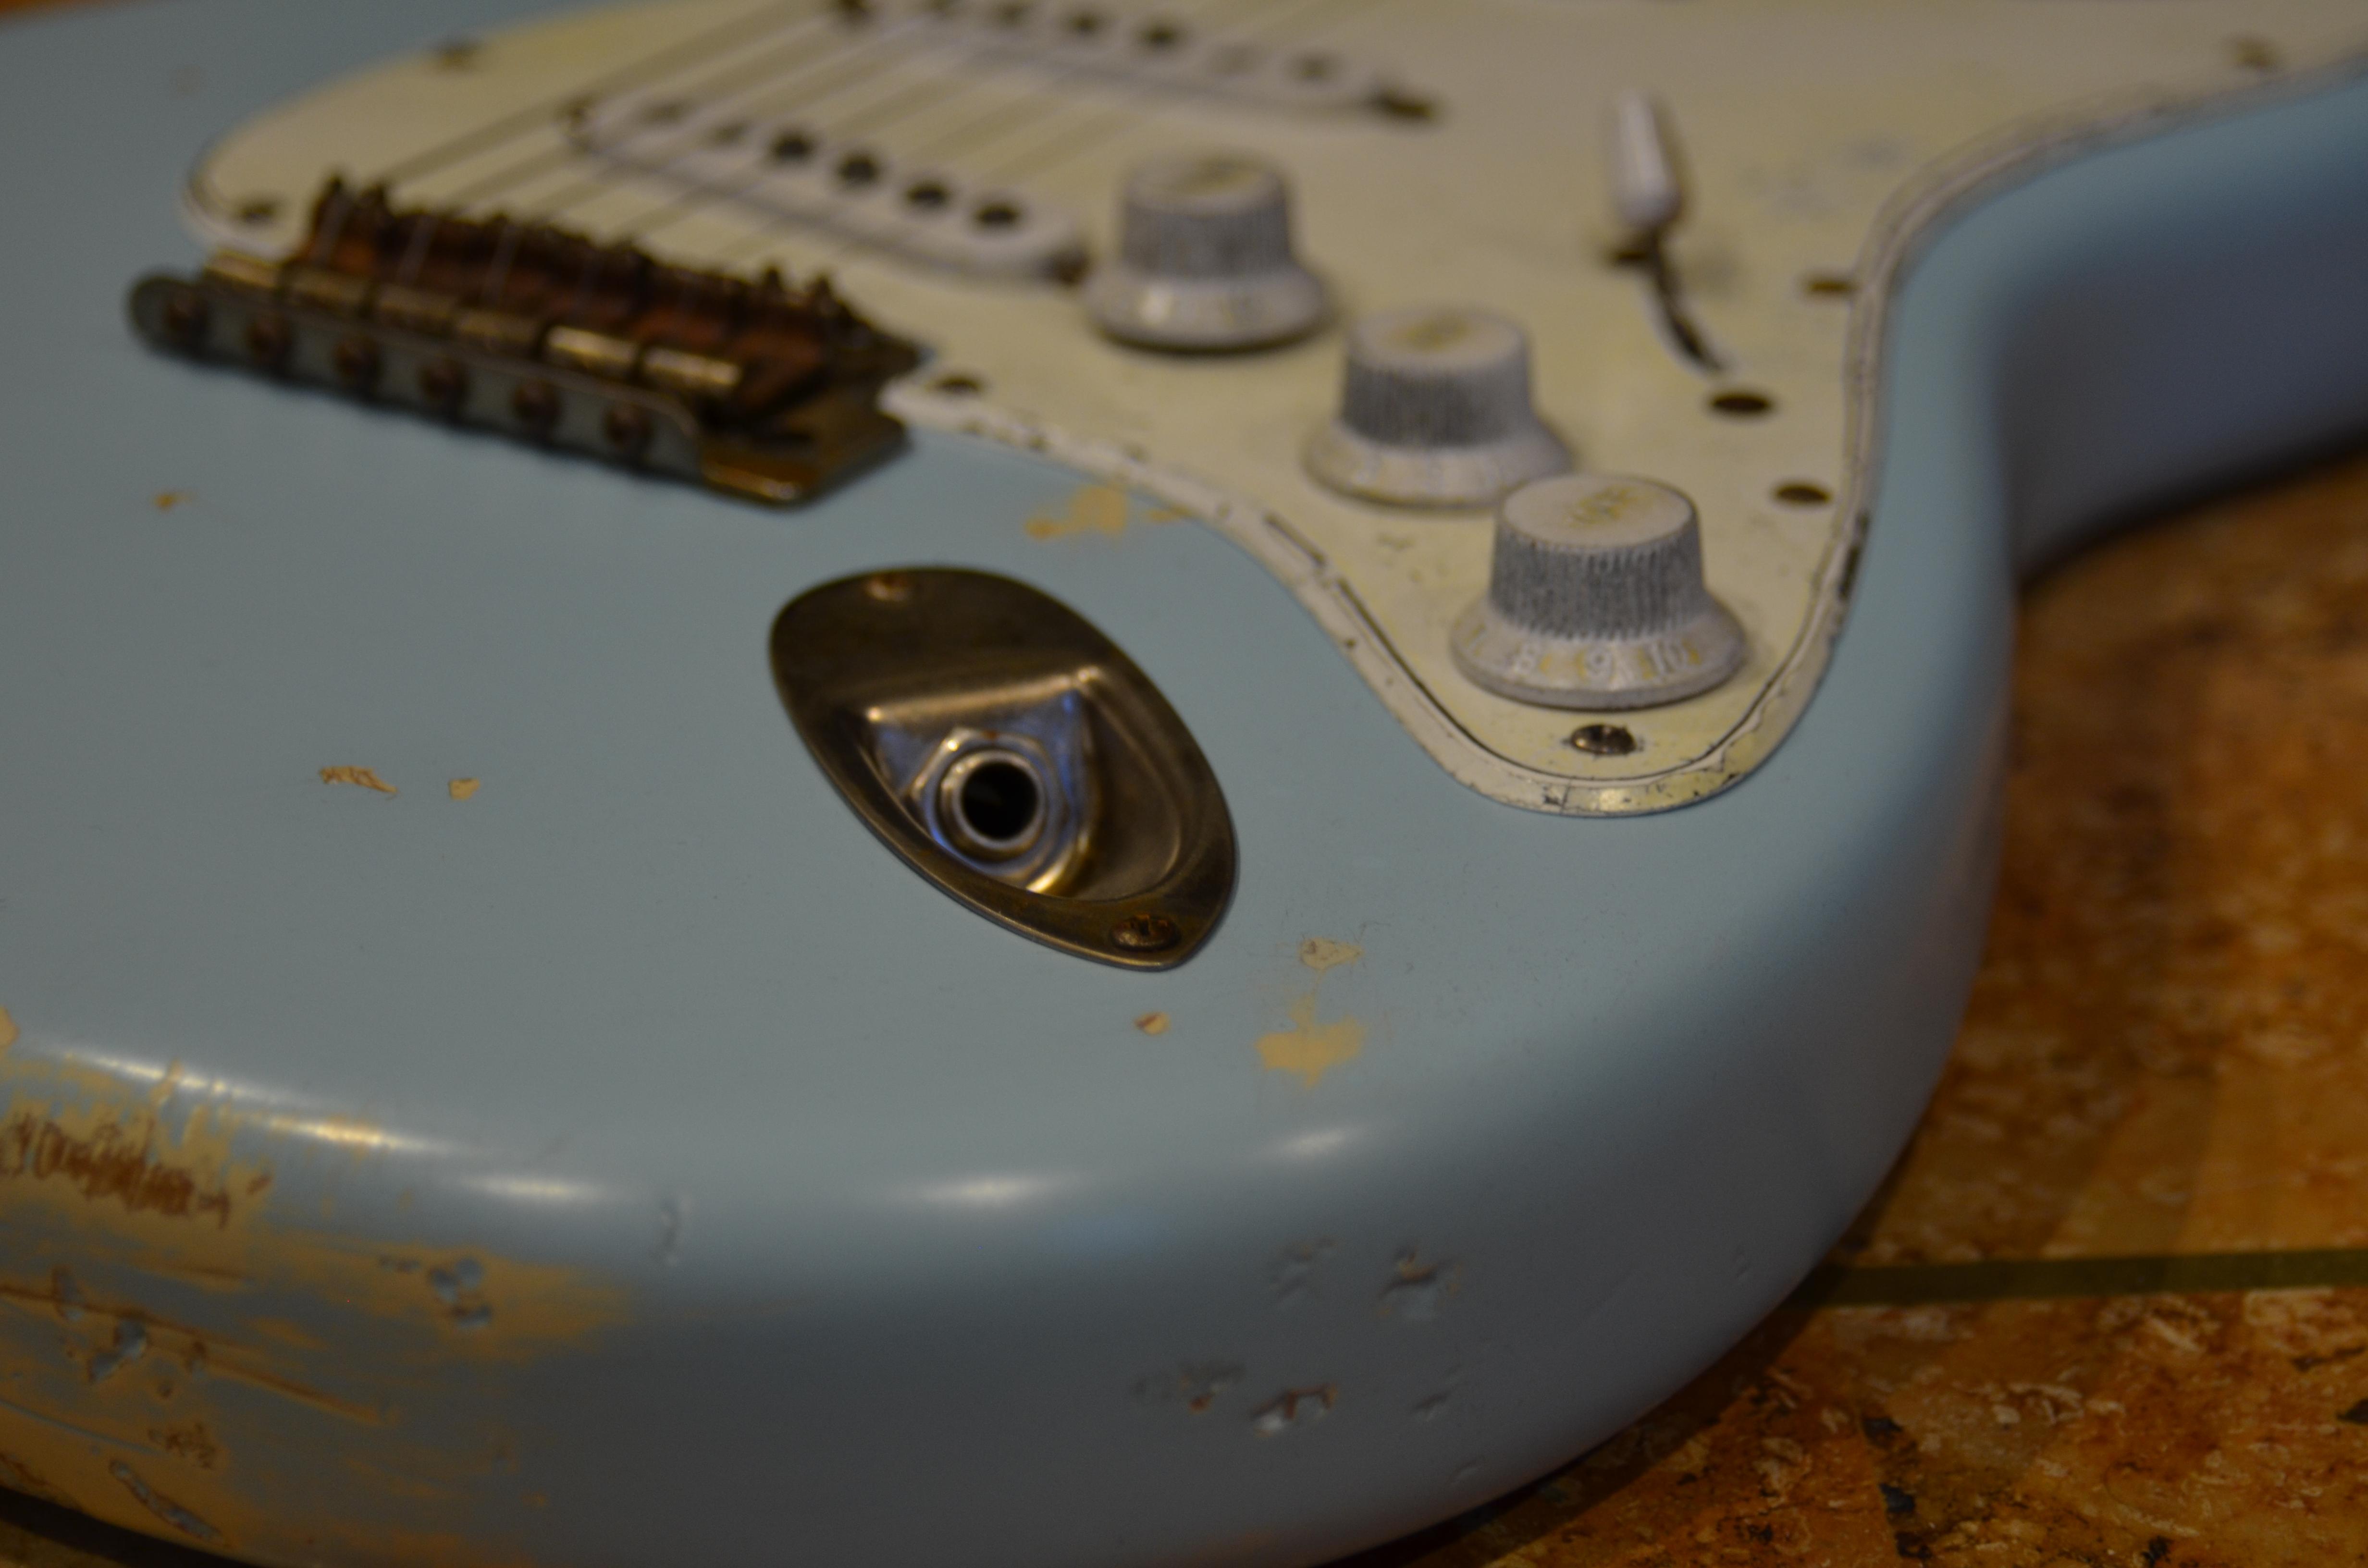 Fender Stratocaster Relic Daphne Blue Jack Plate Guitarwacky.com